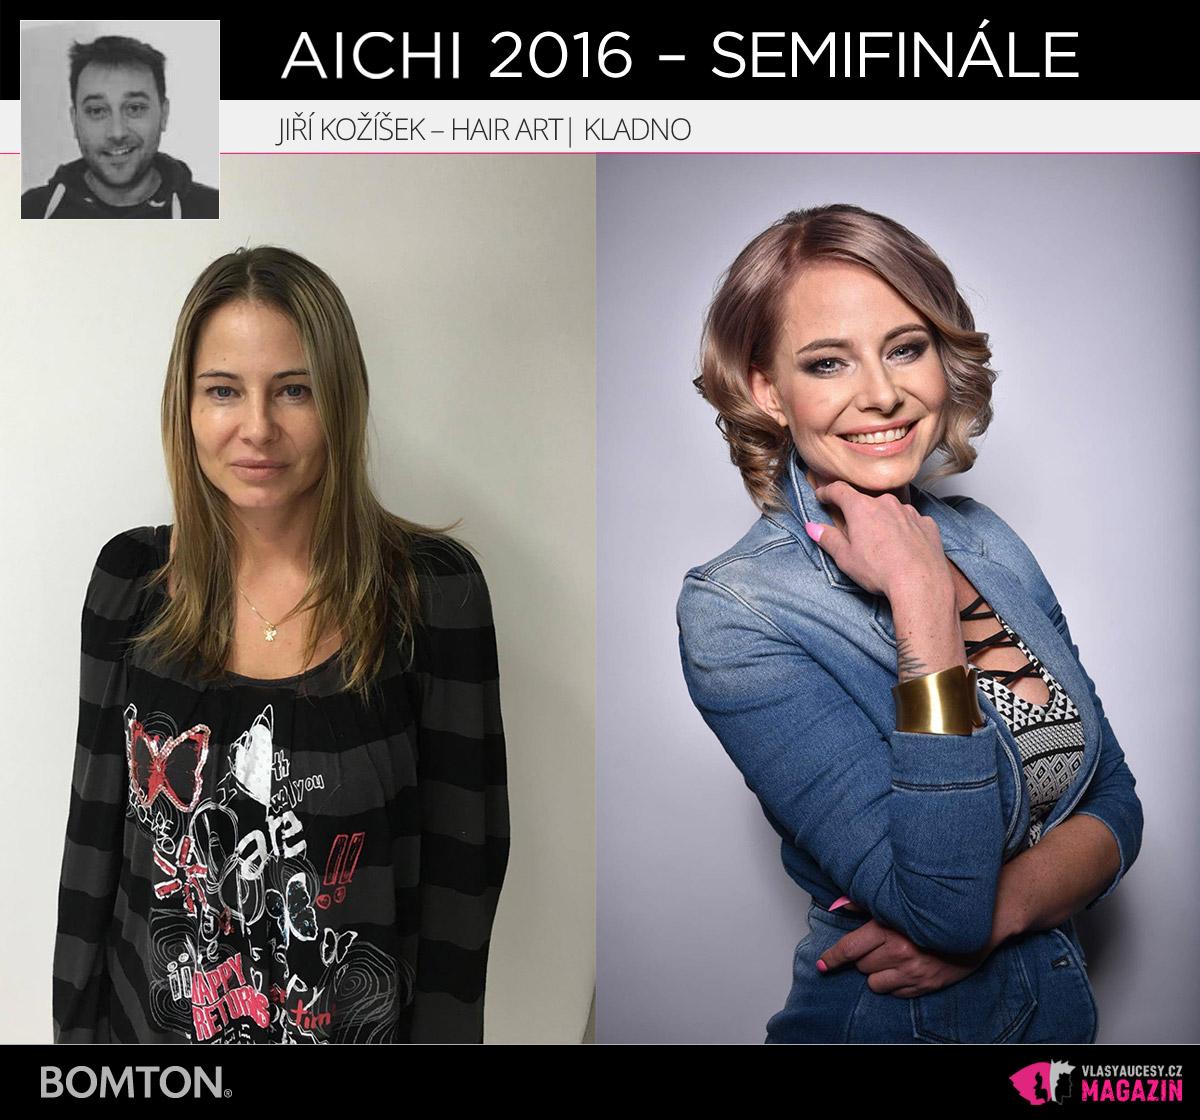 Nominační proměna AICHI 2016: Jiří Kožíšek, Hair Art Jiří Kožíšek, Kladno